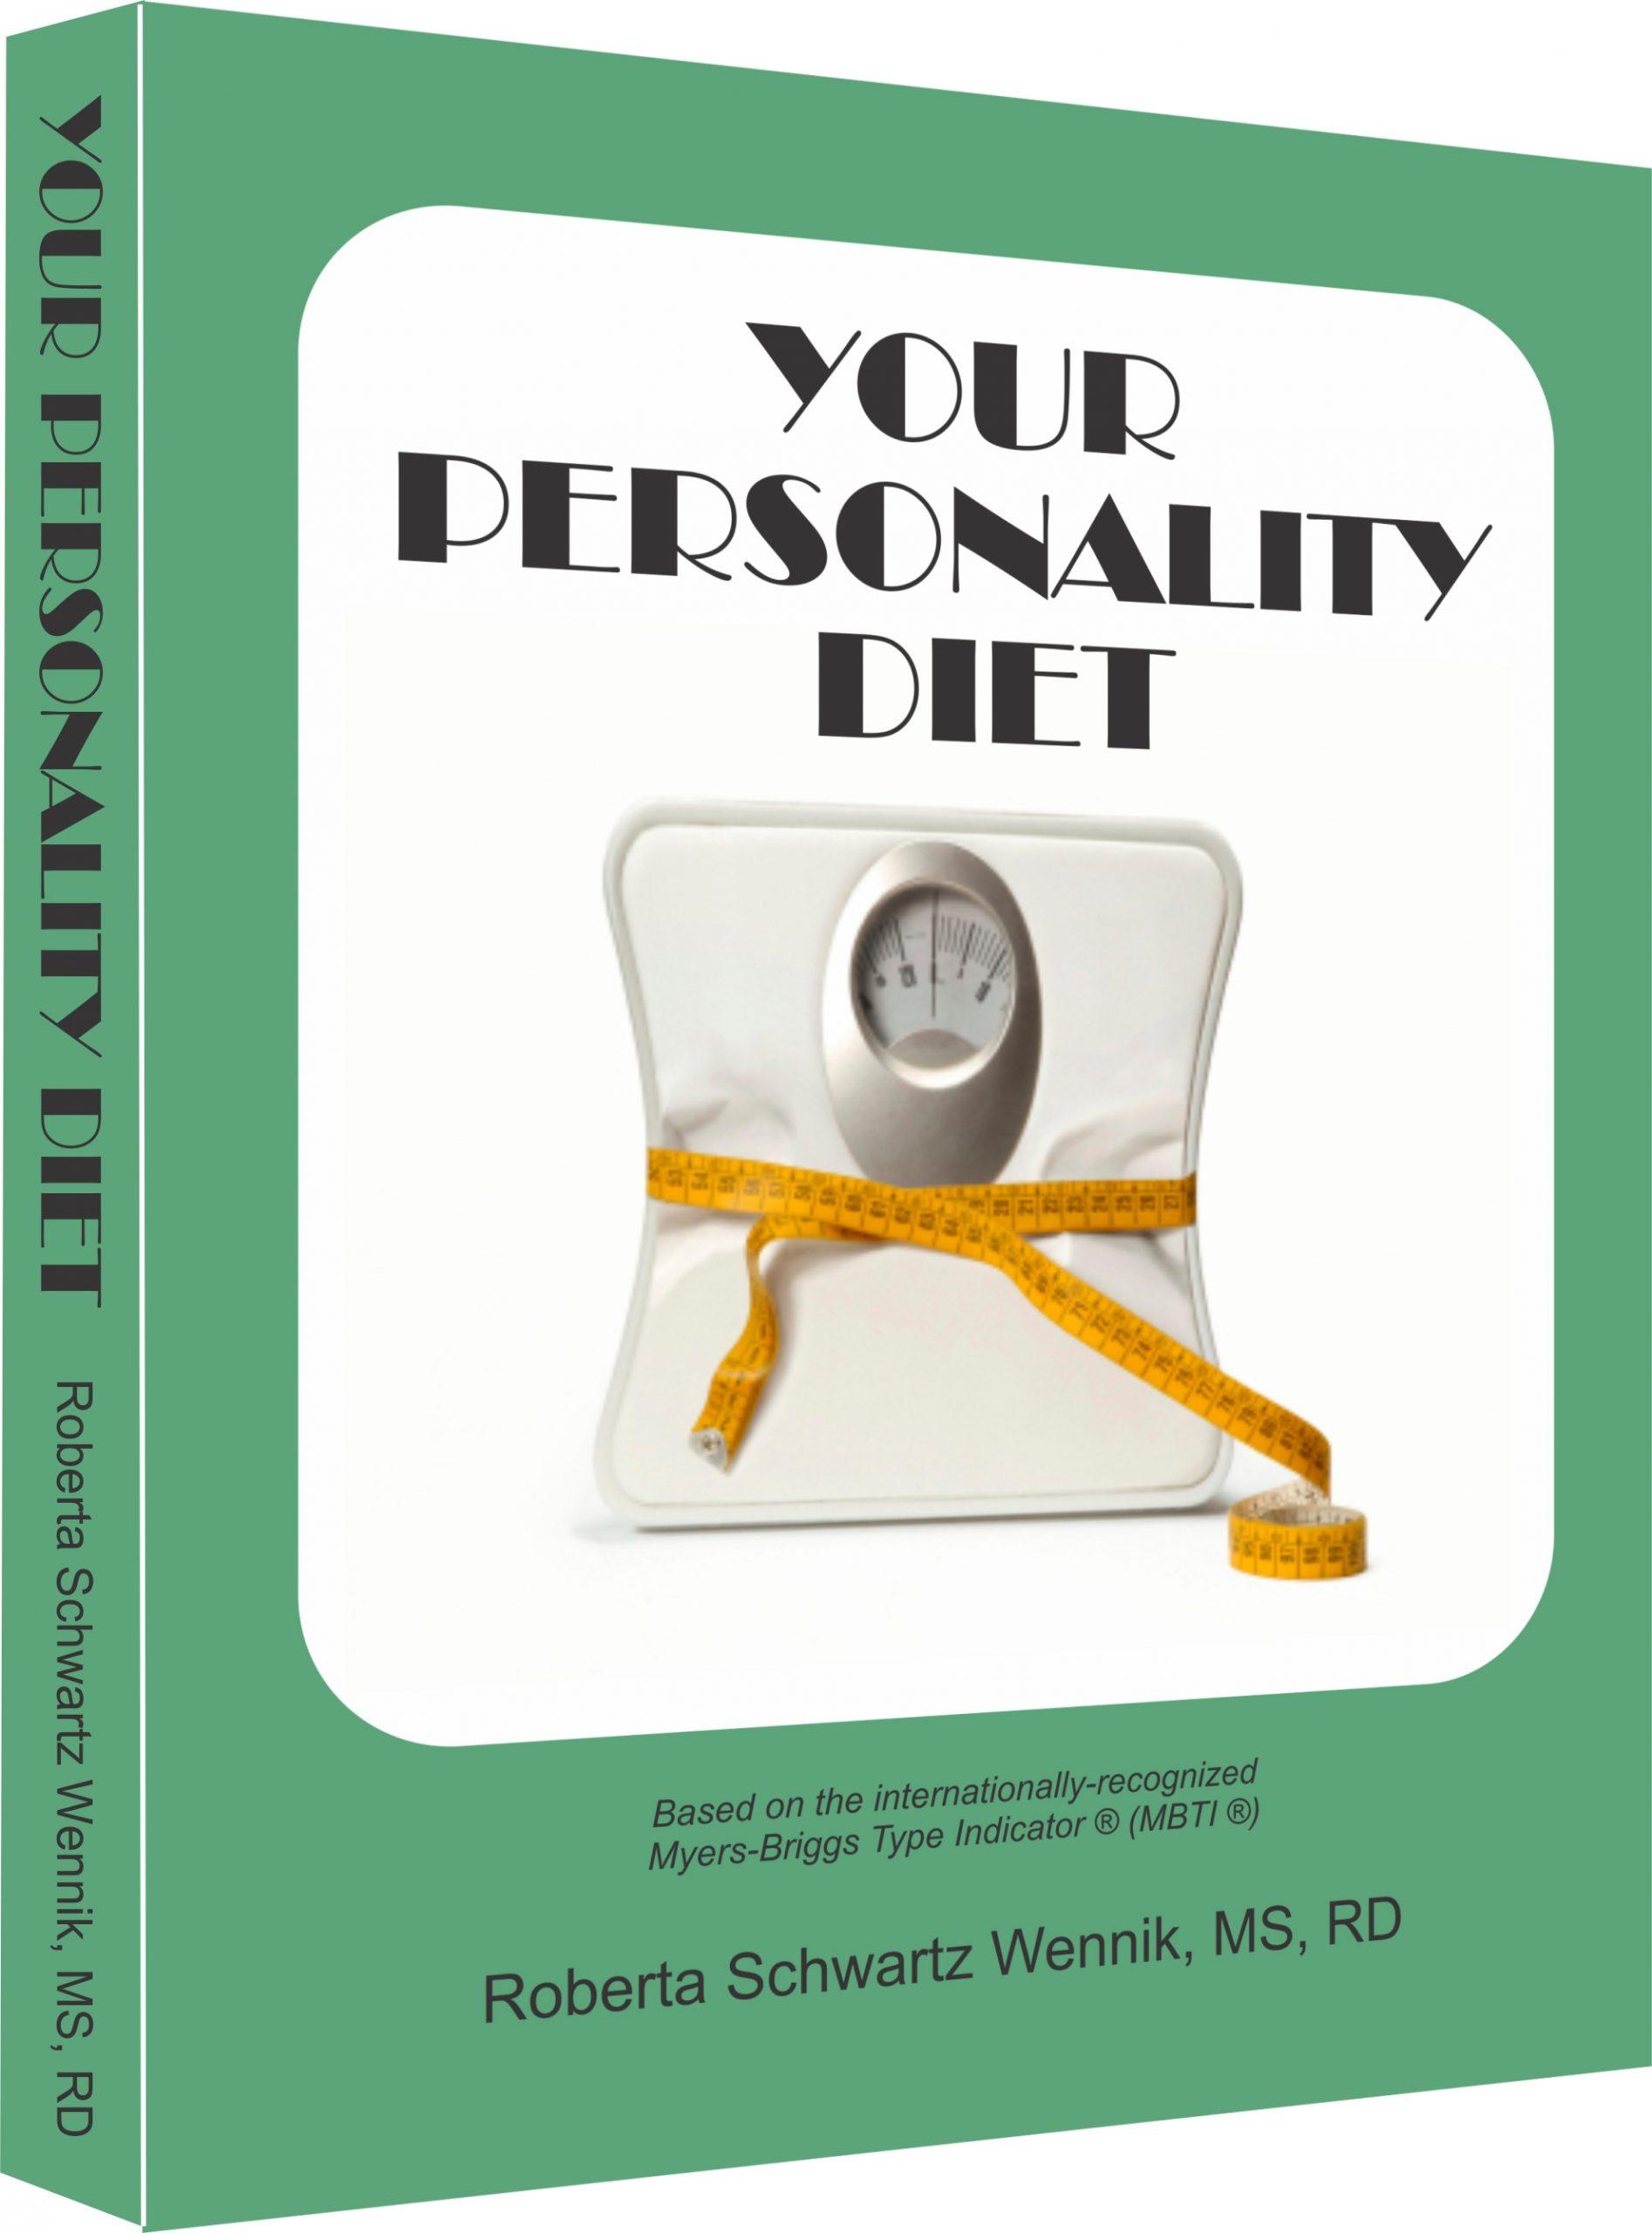 Your Personality Diet by Roberta Schwartz Wennik, MS, RDN